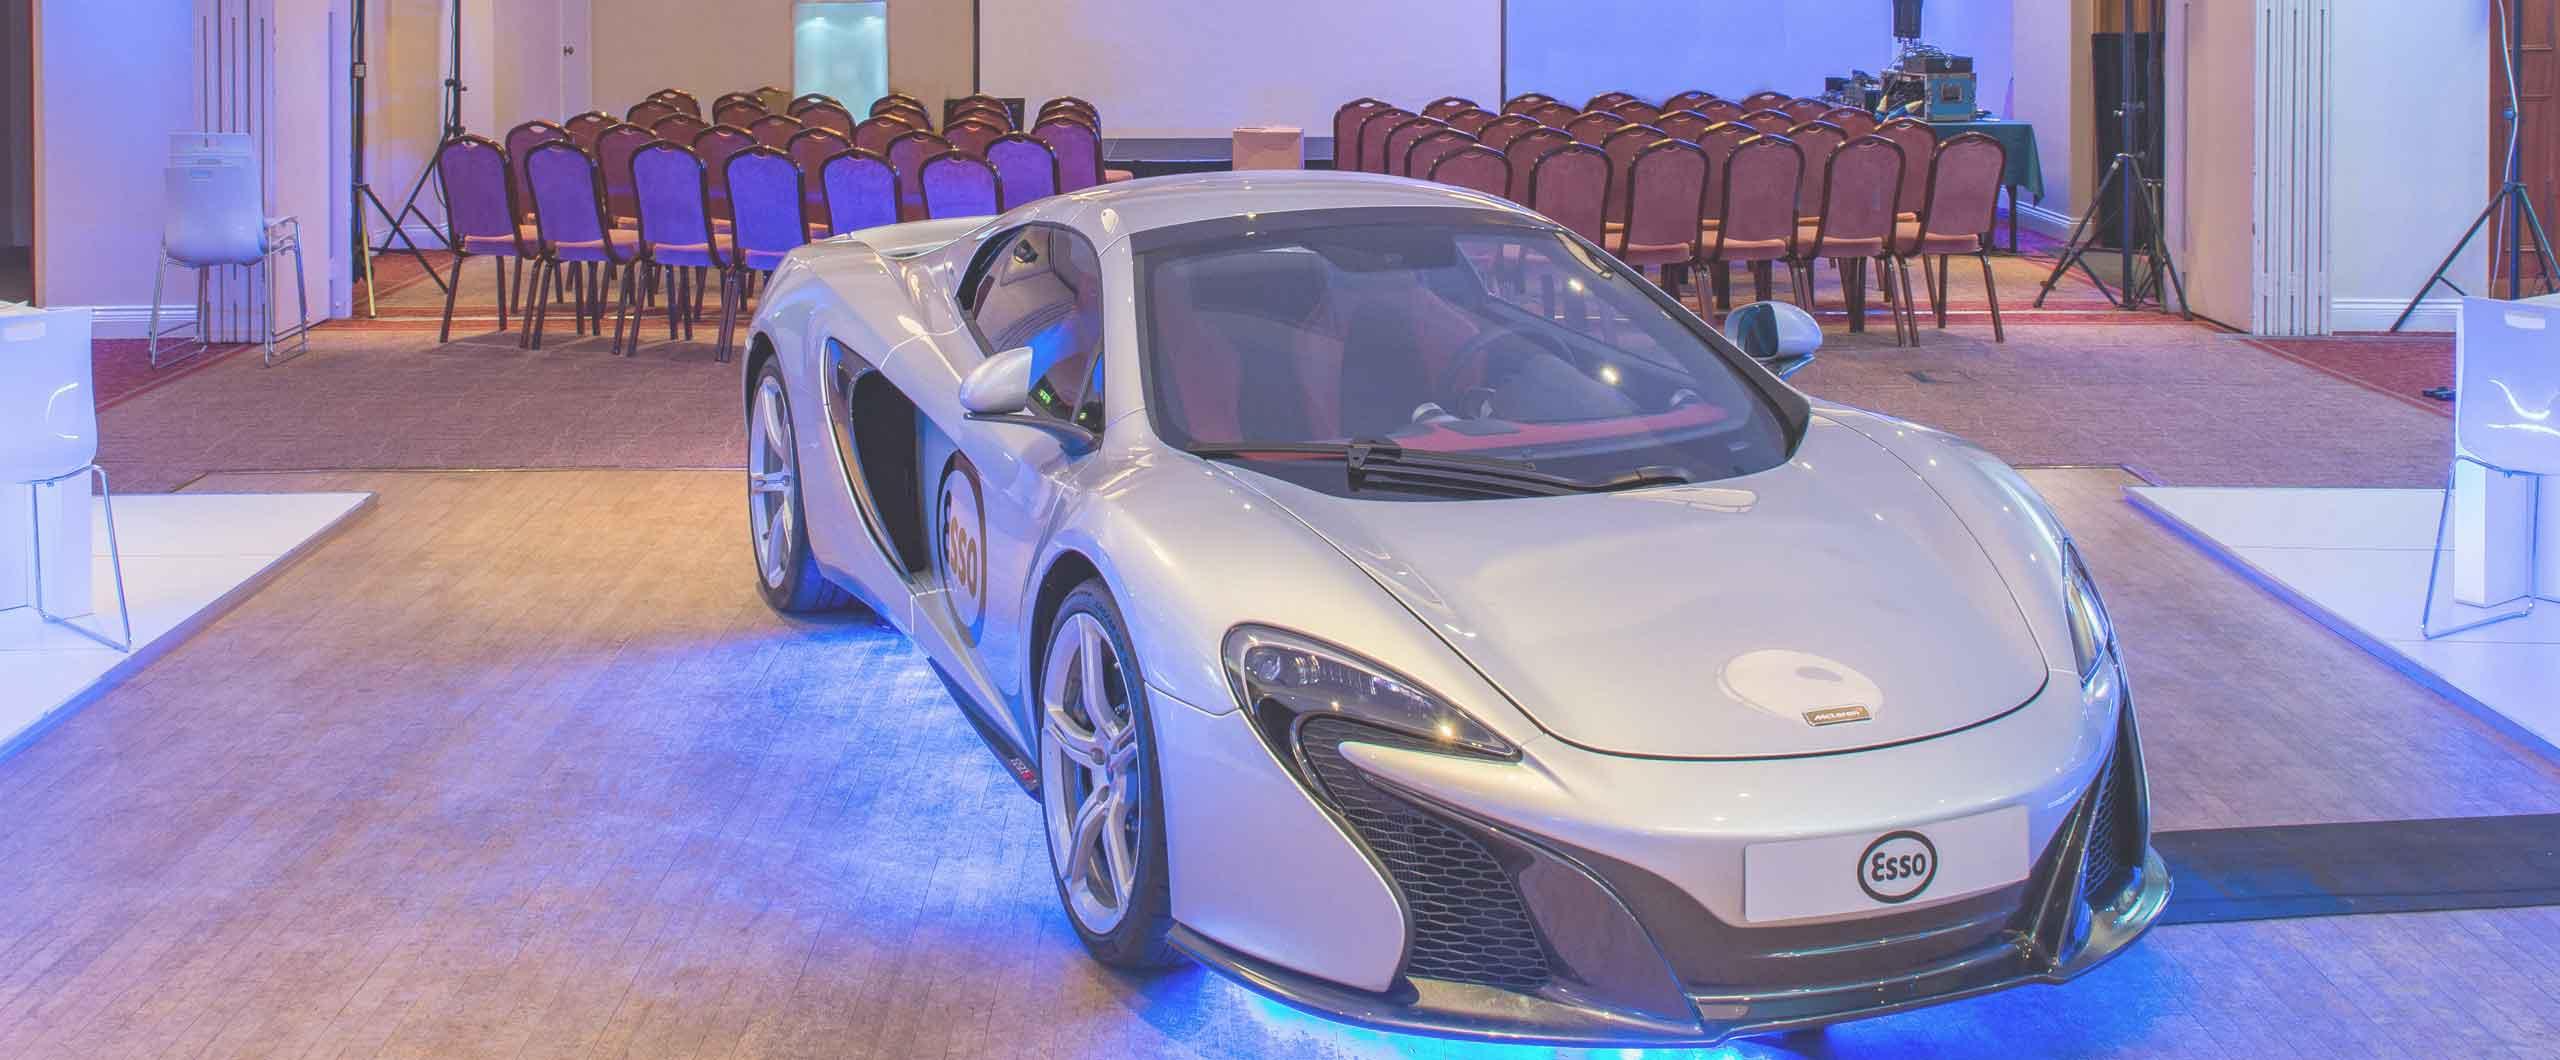 McLaren Car event